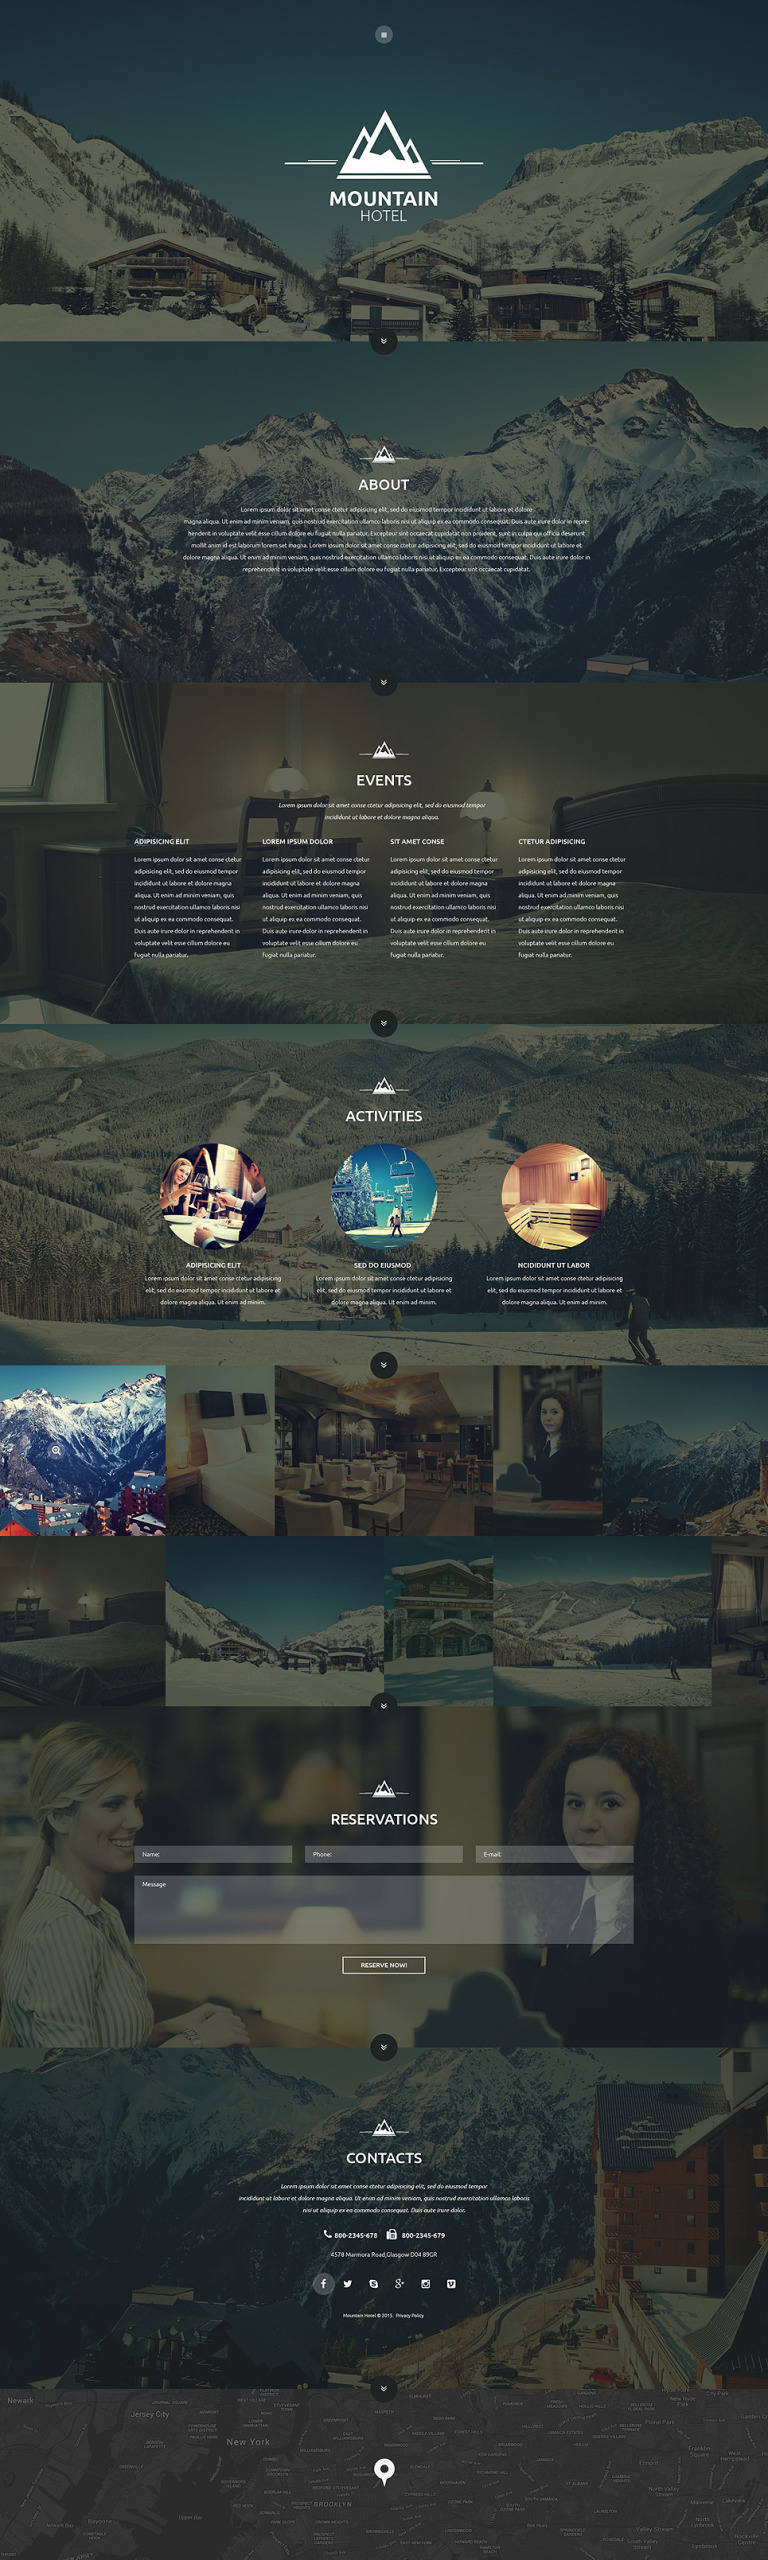 Mountain Hotel Website Template New Screenshots BIG